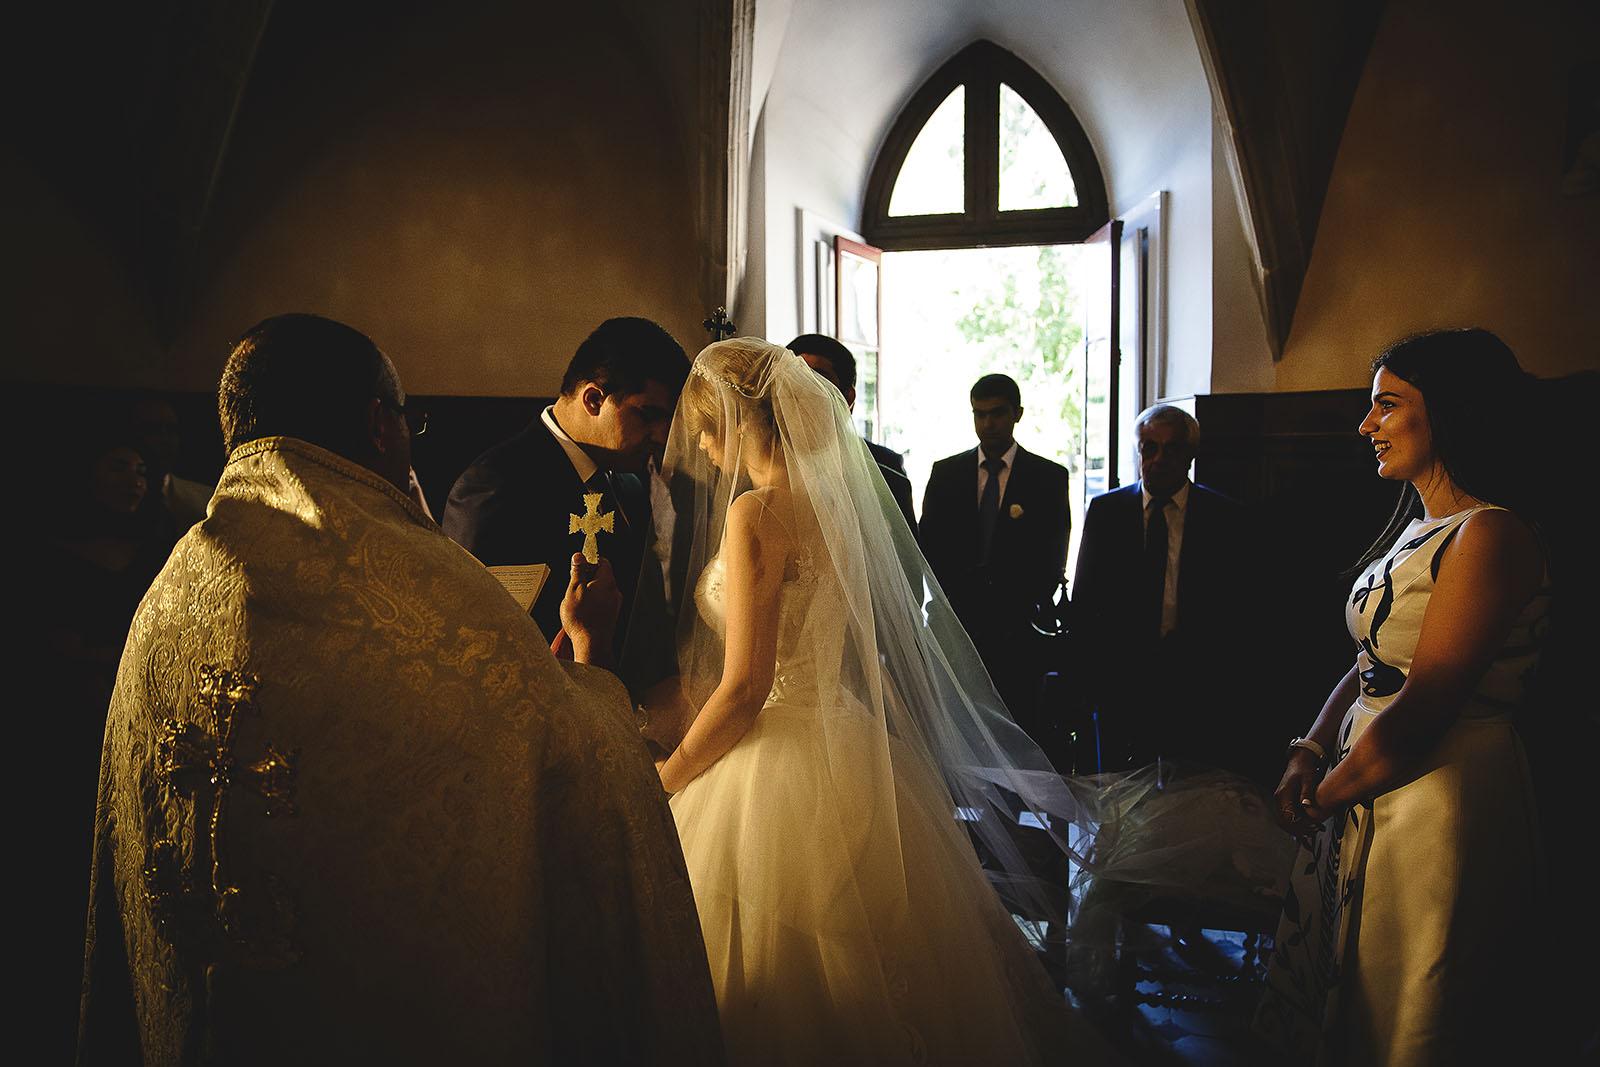 Mariage au Château de Beguin David Pommier photographe de mariage. Les mariés front contre front durant la cérémonie